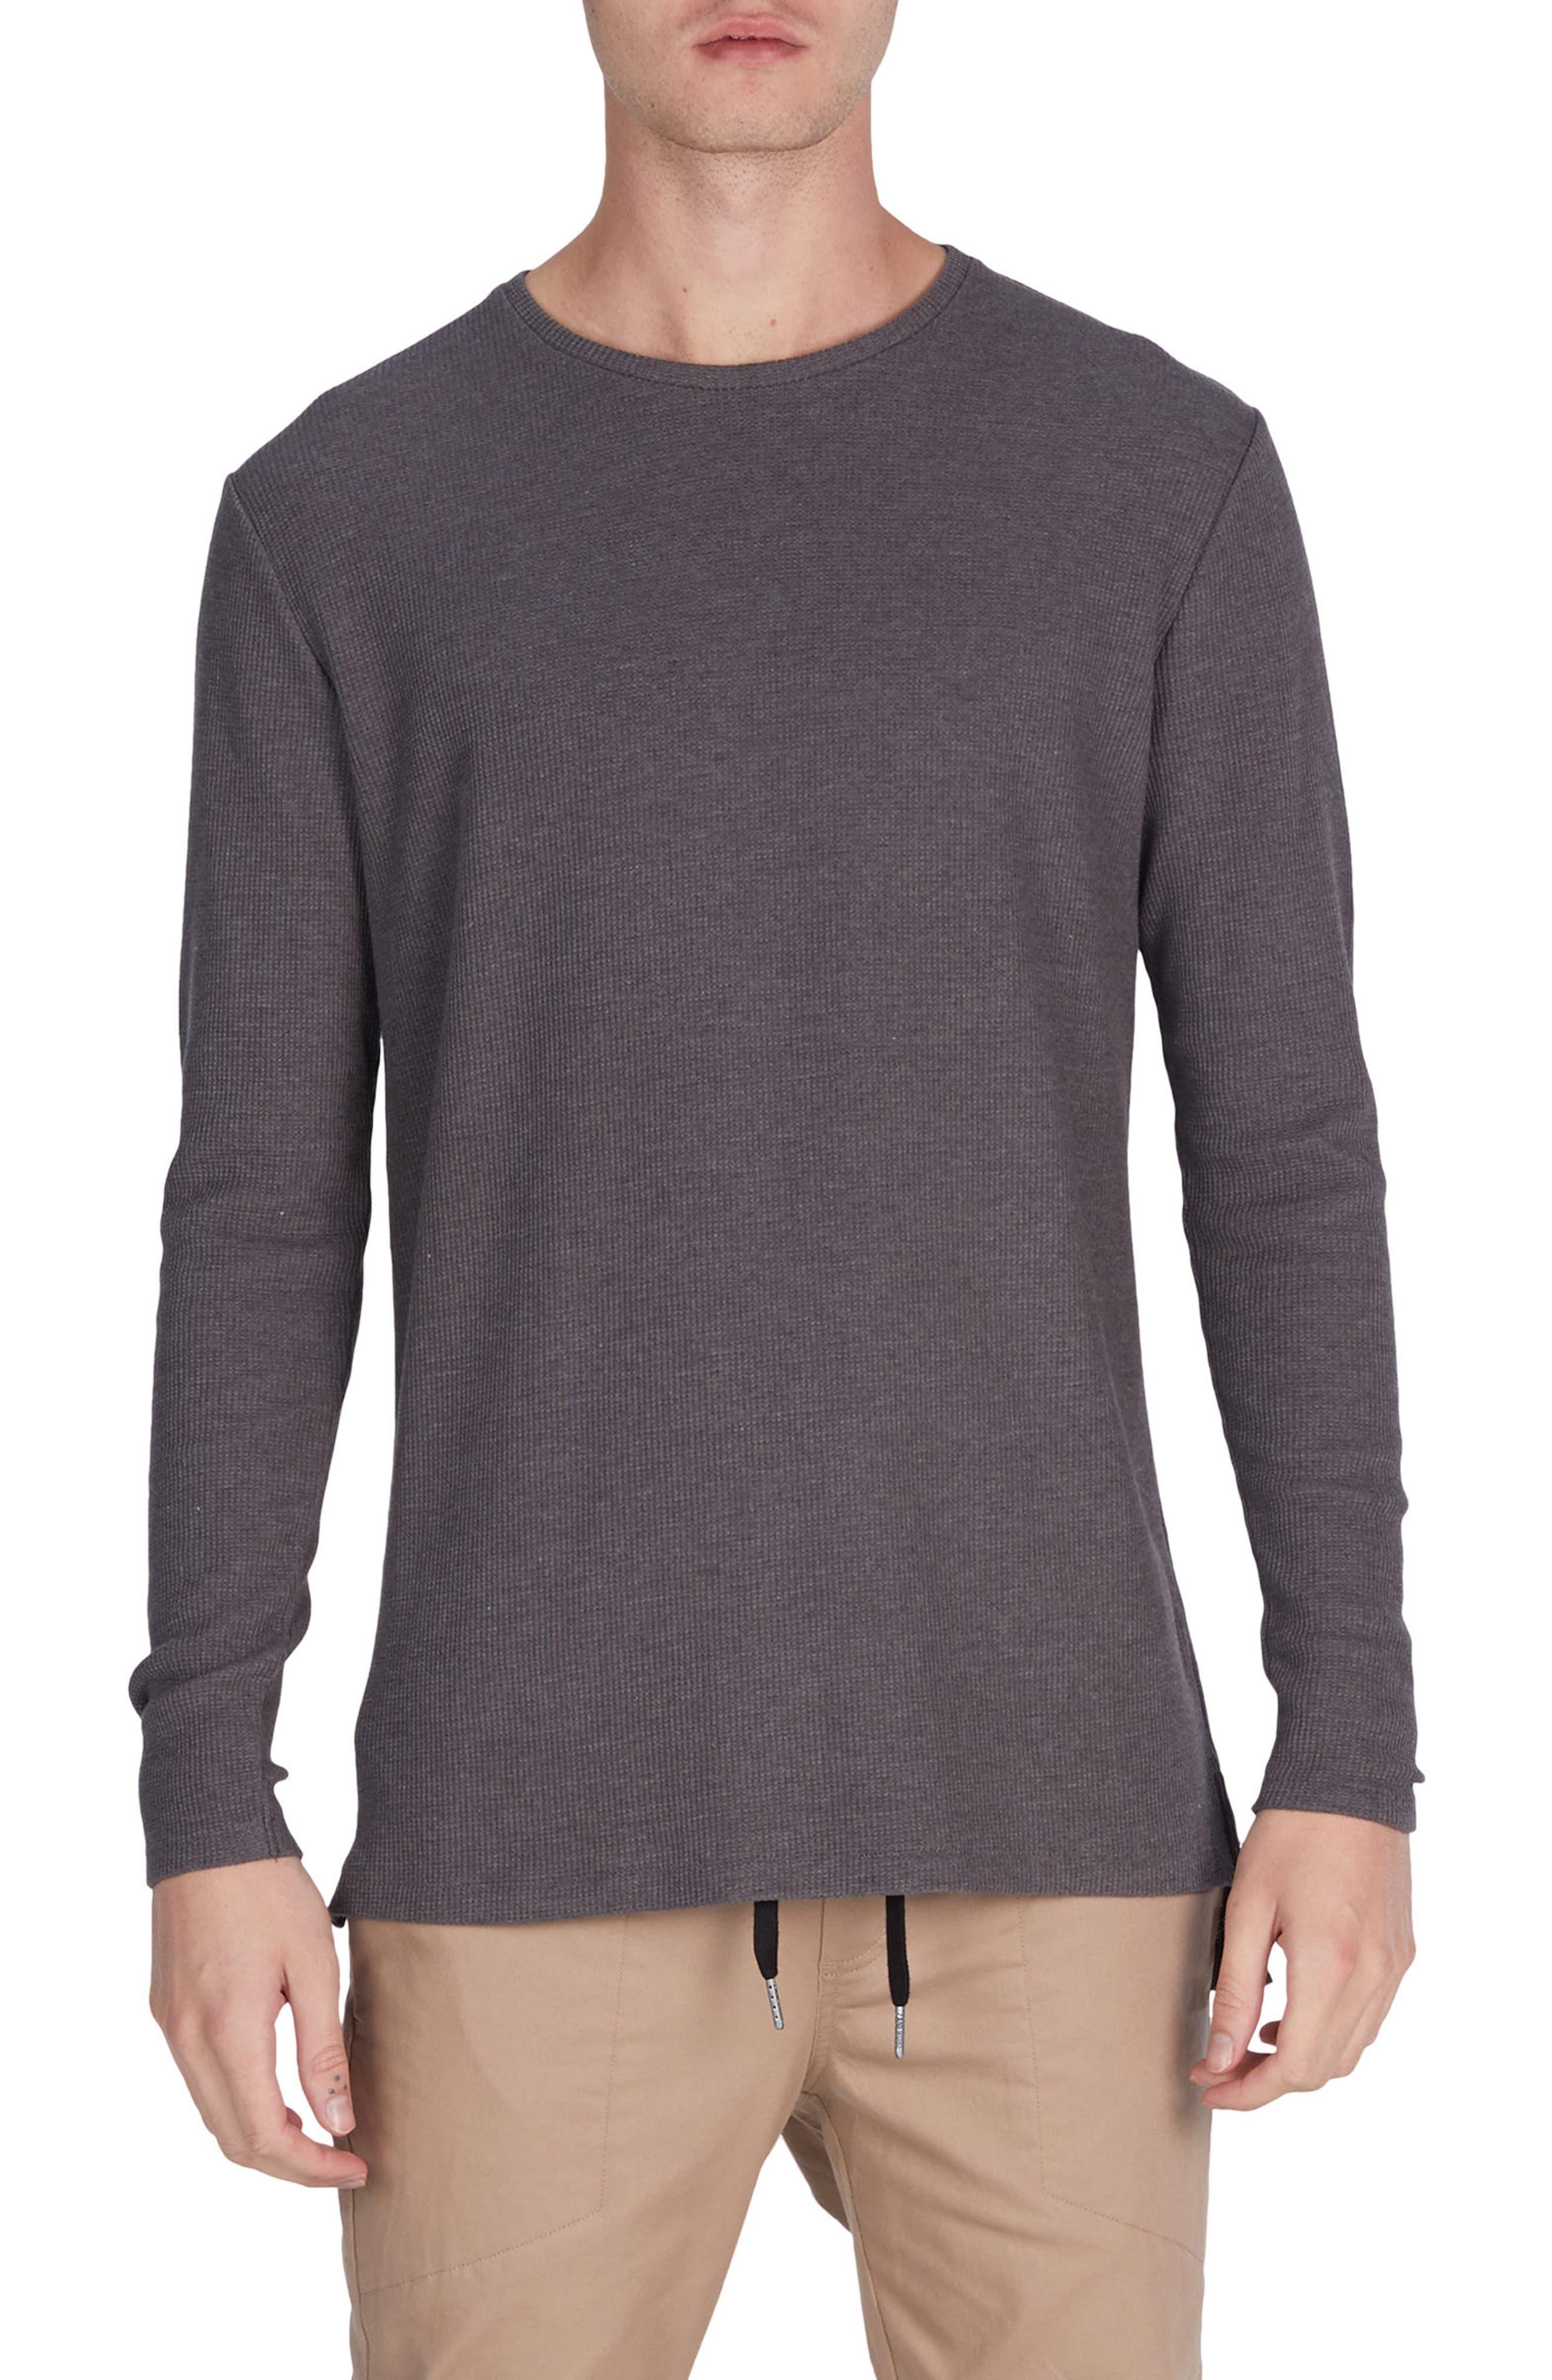 Flintlock Thermal T-Shirt,                         Main,                         color, 021